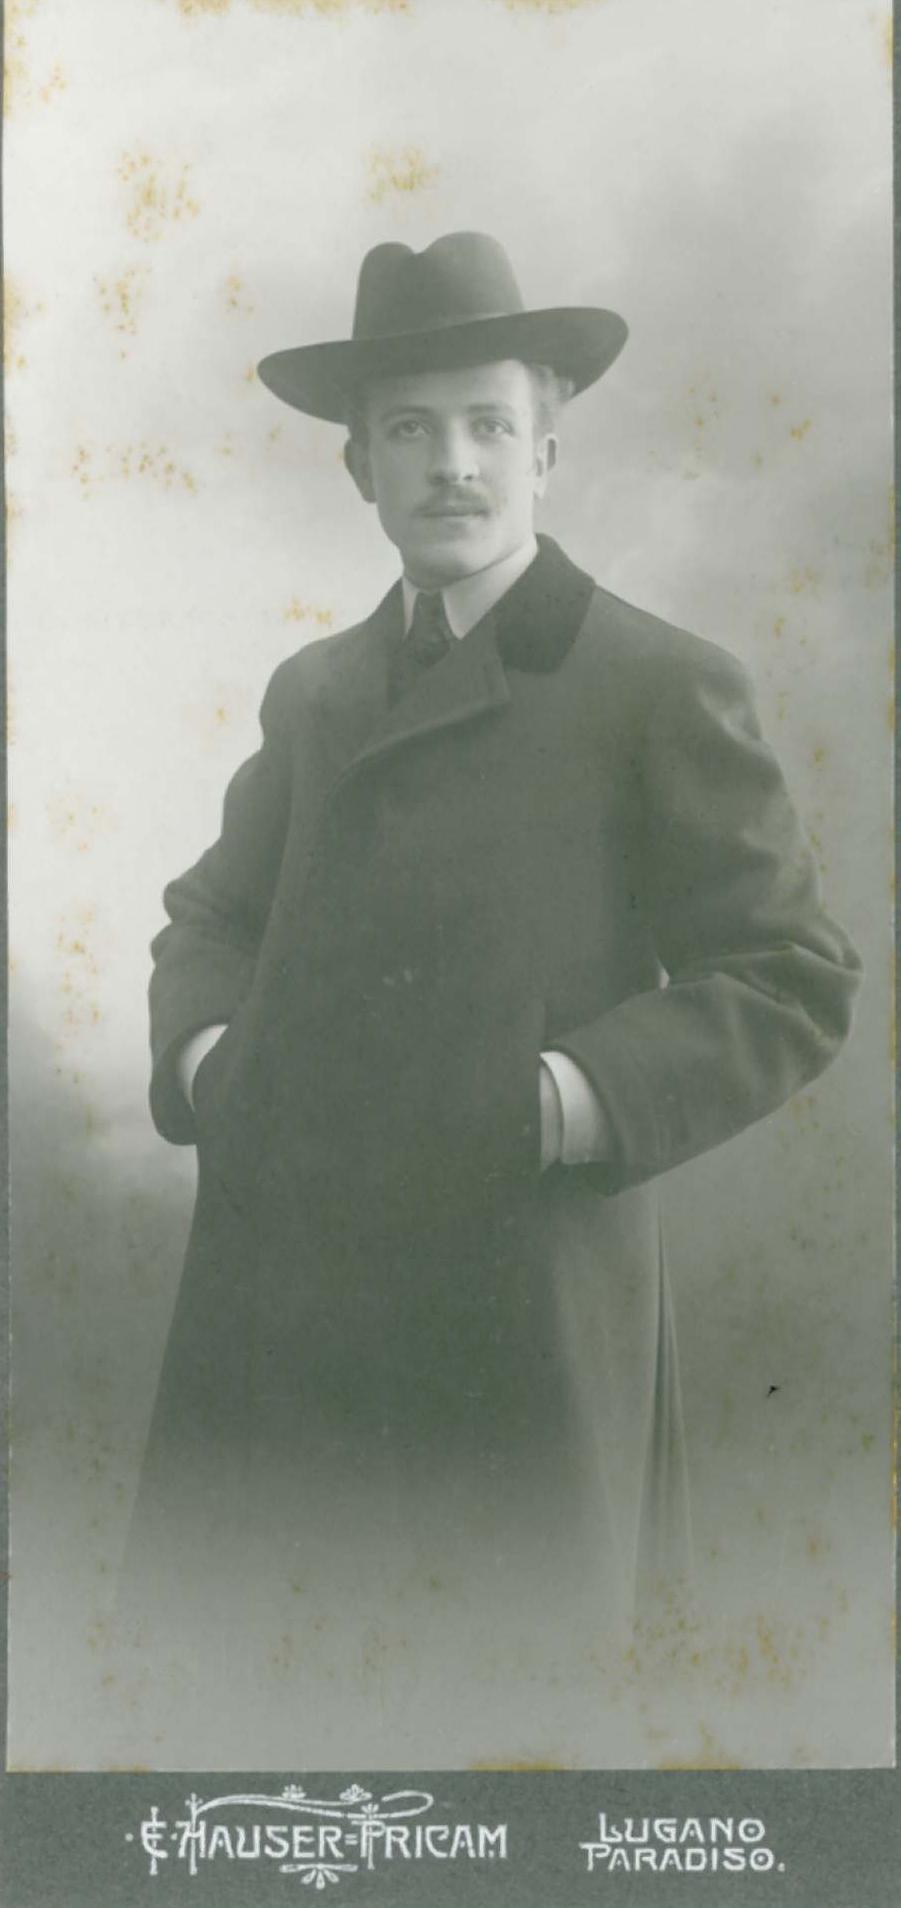 Alfredo Veronesi